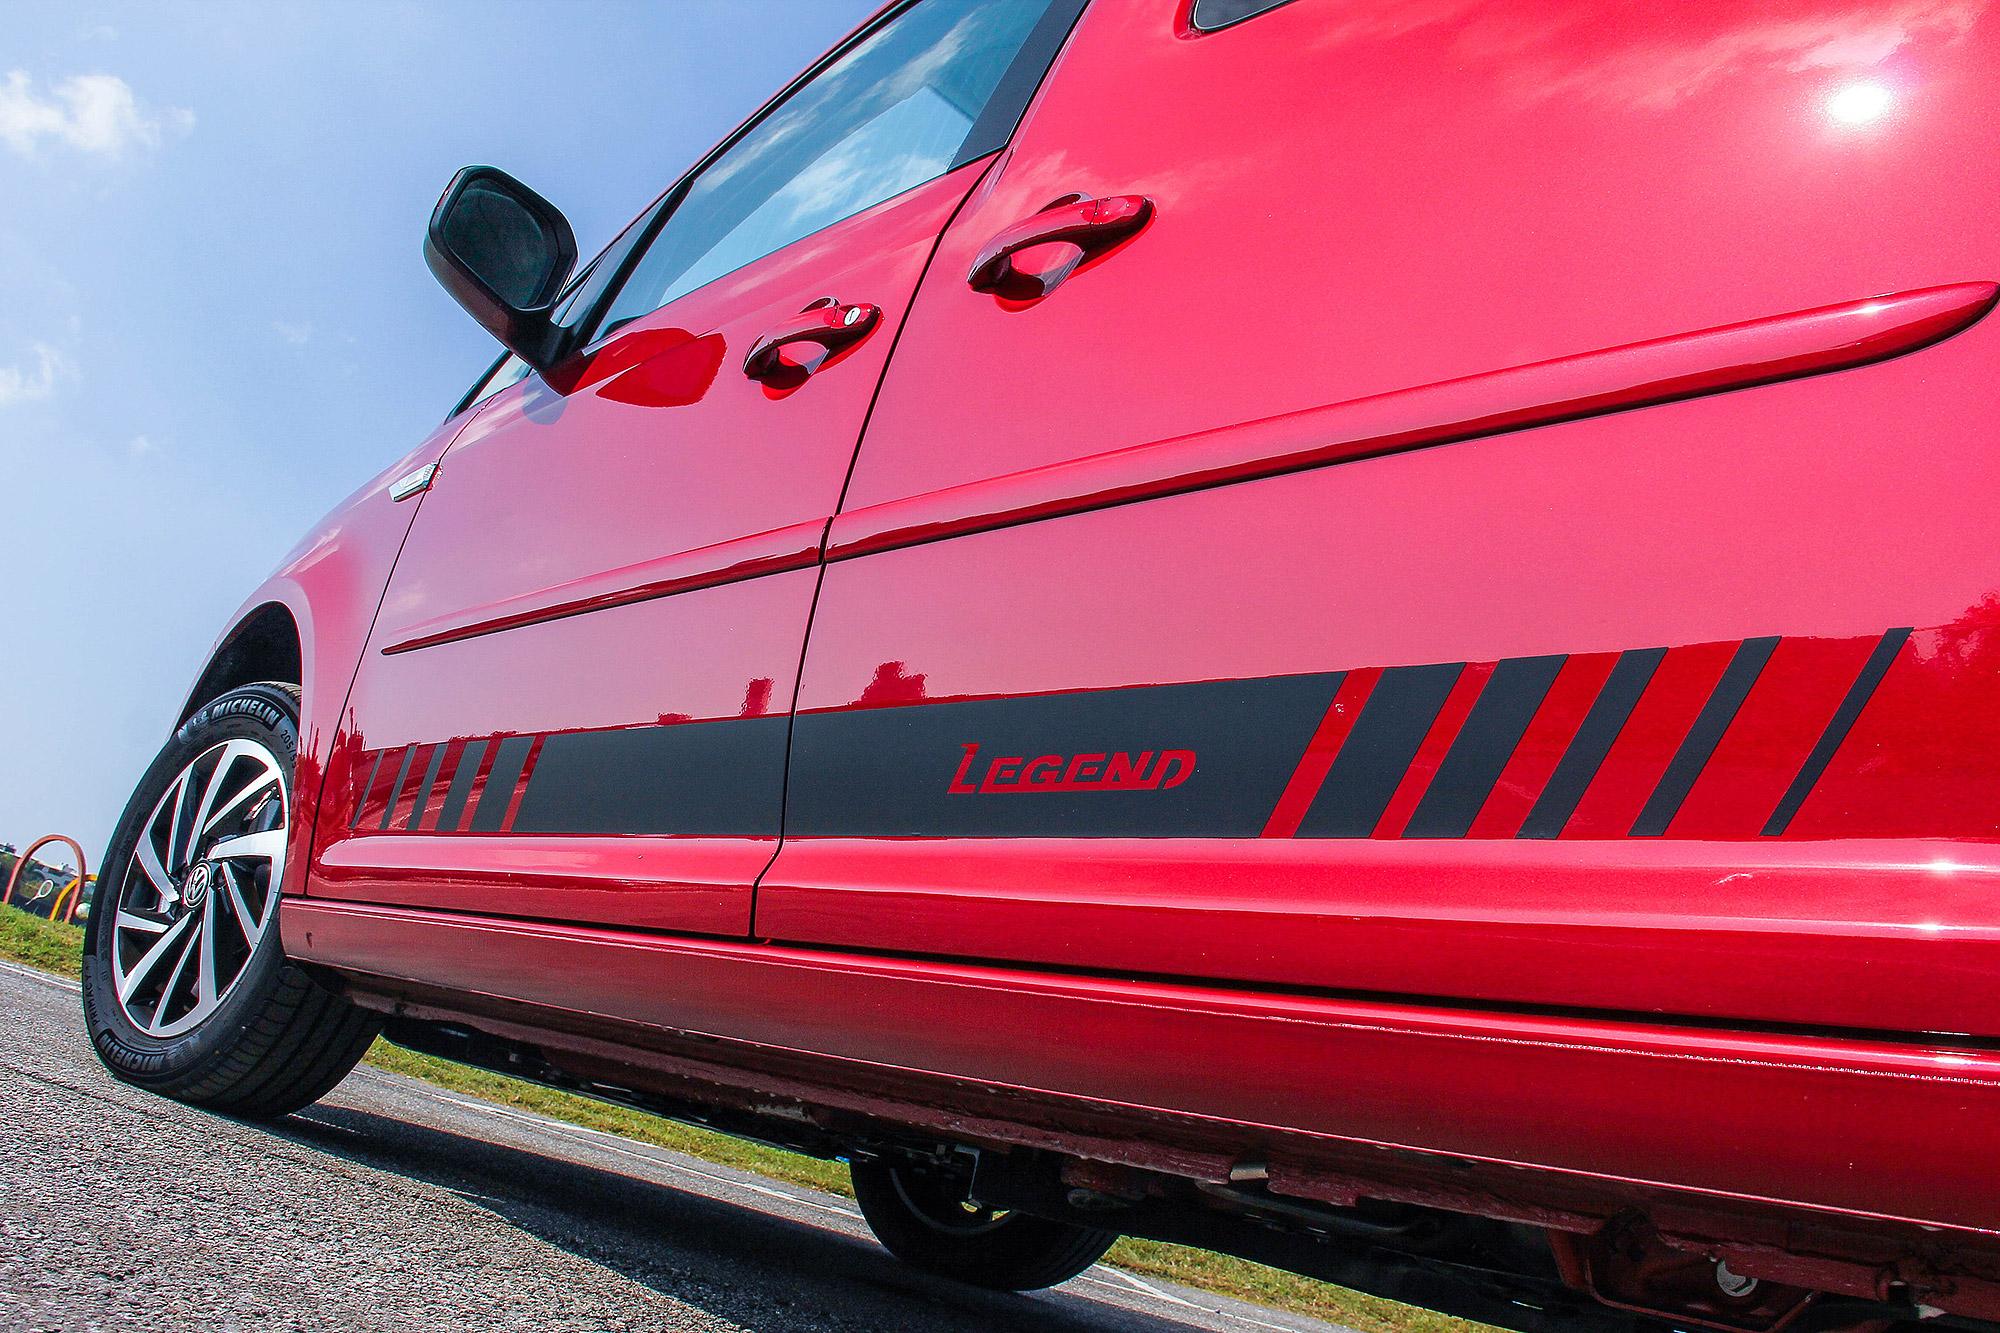 車側貼上專屬的 Legend 字樣車貼。